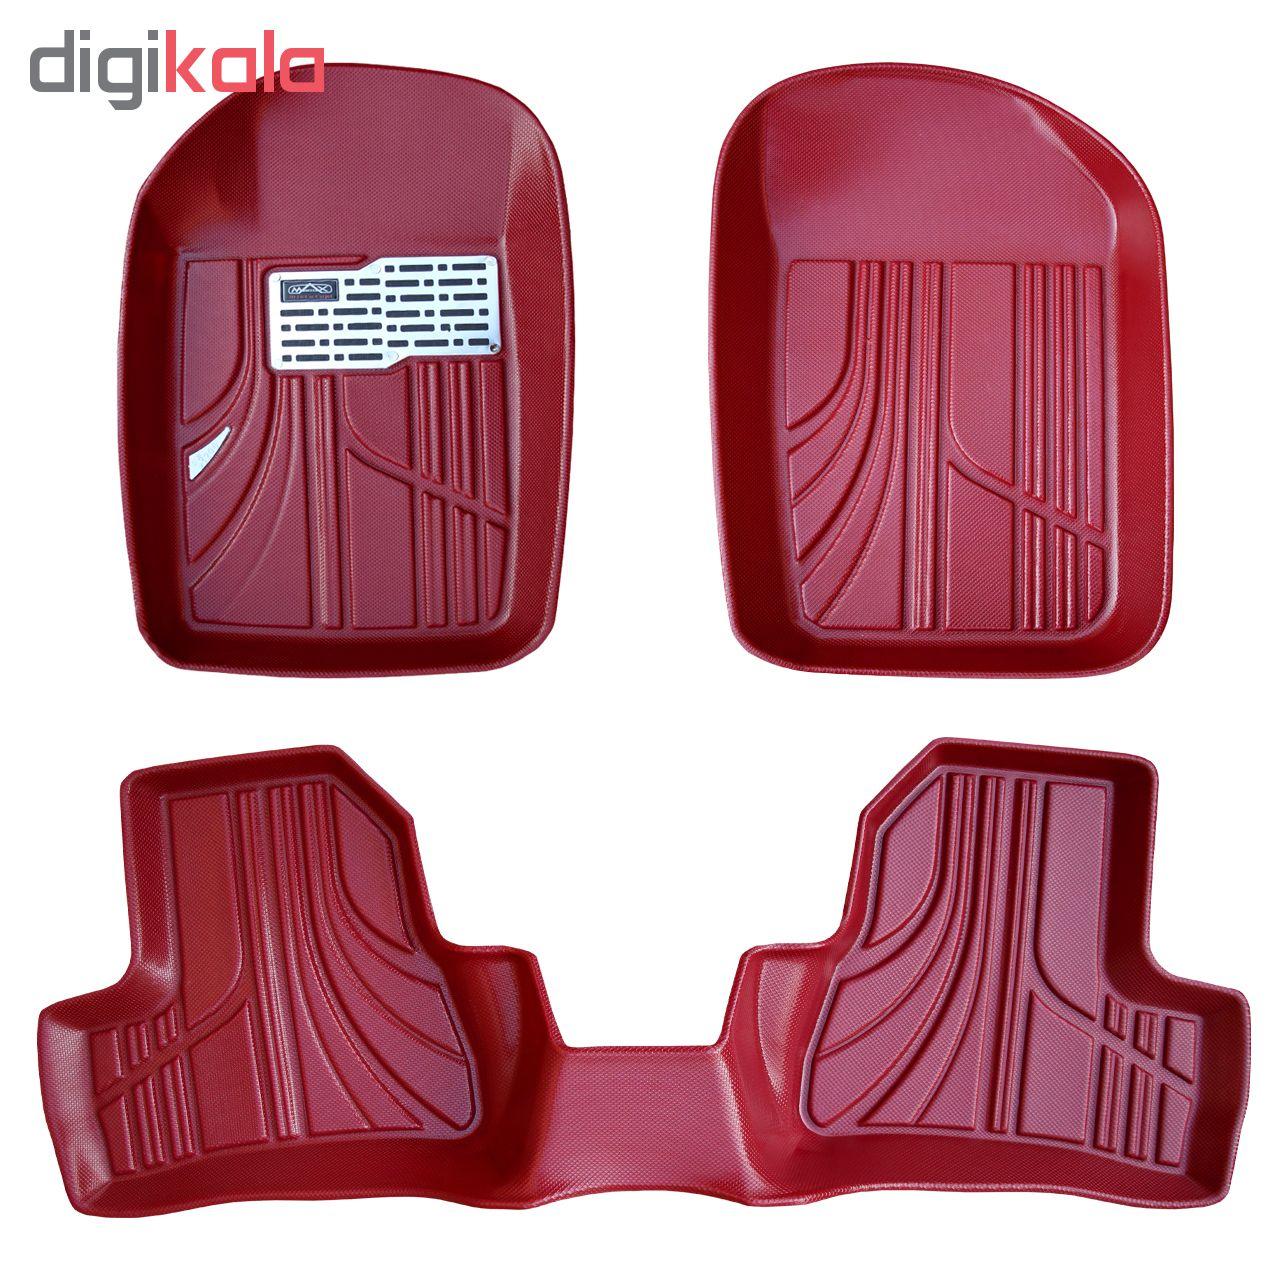 کفپوش سه بعدی خودرو مکس مدل K011 مناسب برای پژو 206 main 1 1